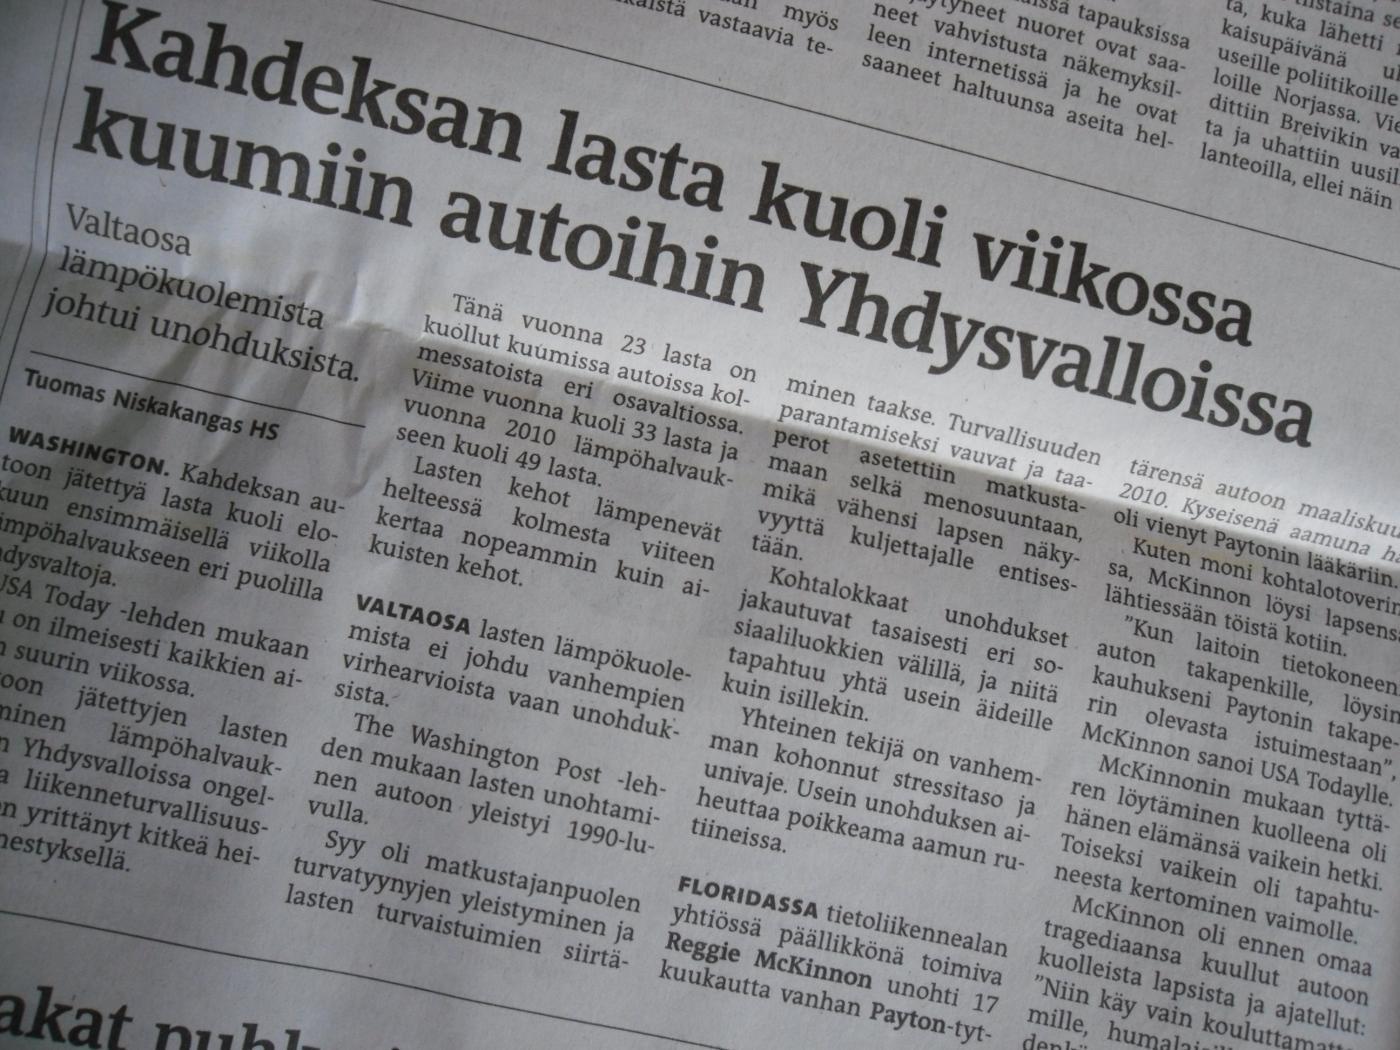 hs_uutinen.jpg